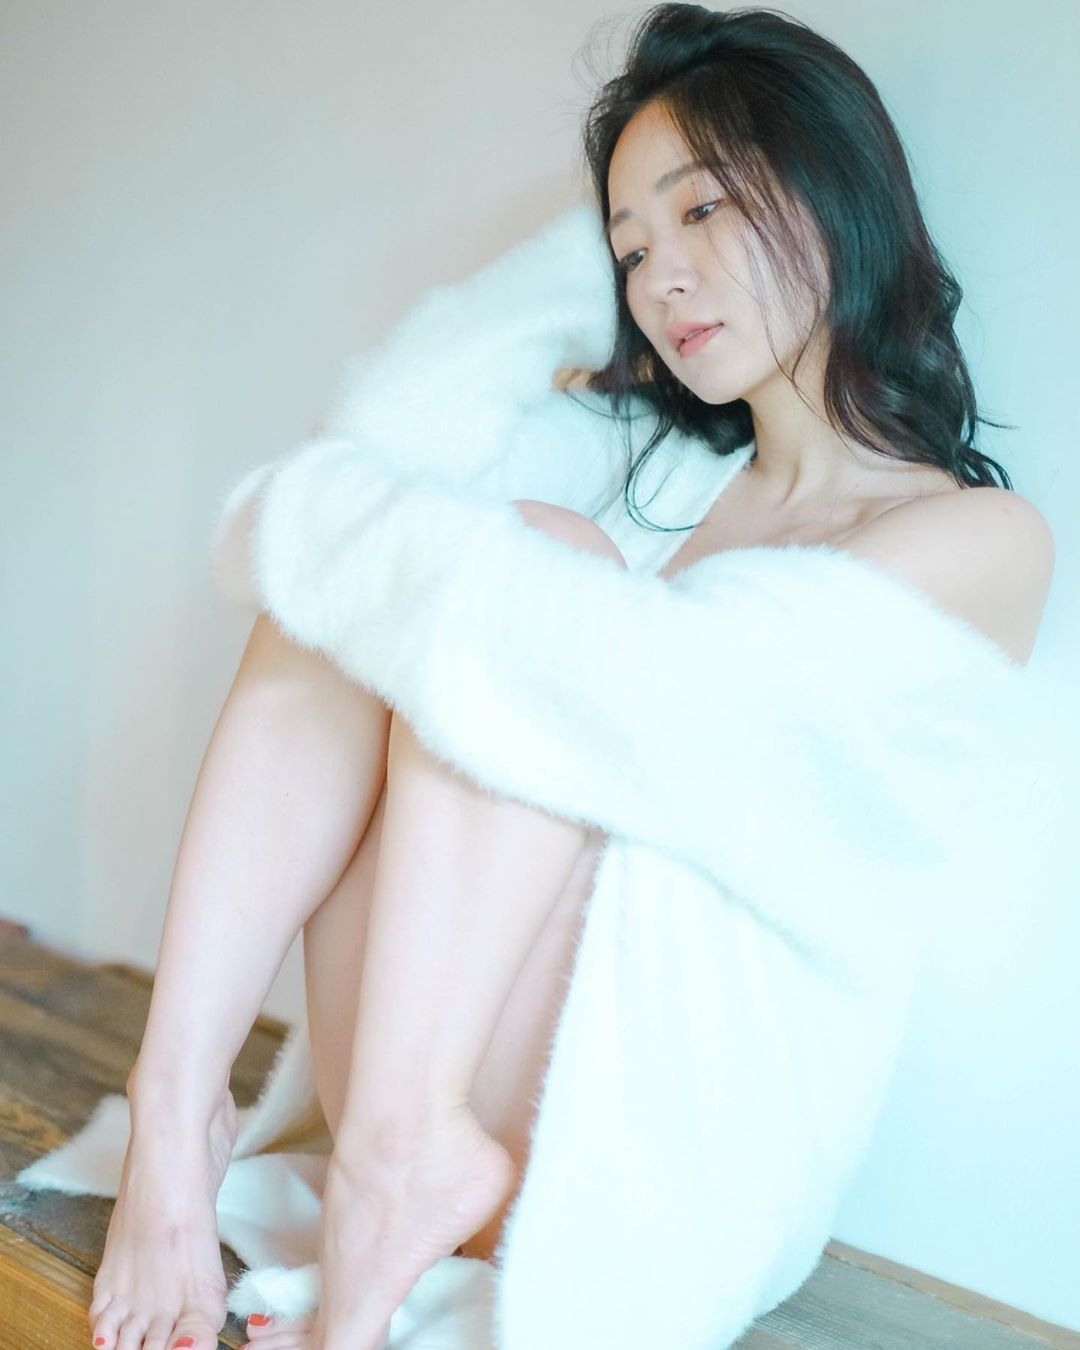 日本女星阶户瑠李突逝,曾出演《全裸导演》等作品 福利吧 第9张